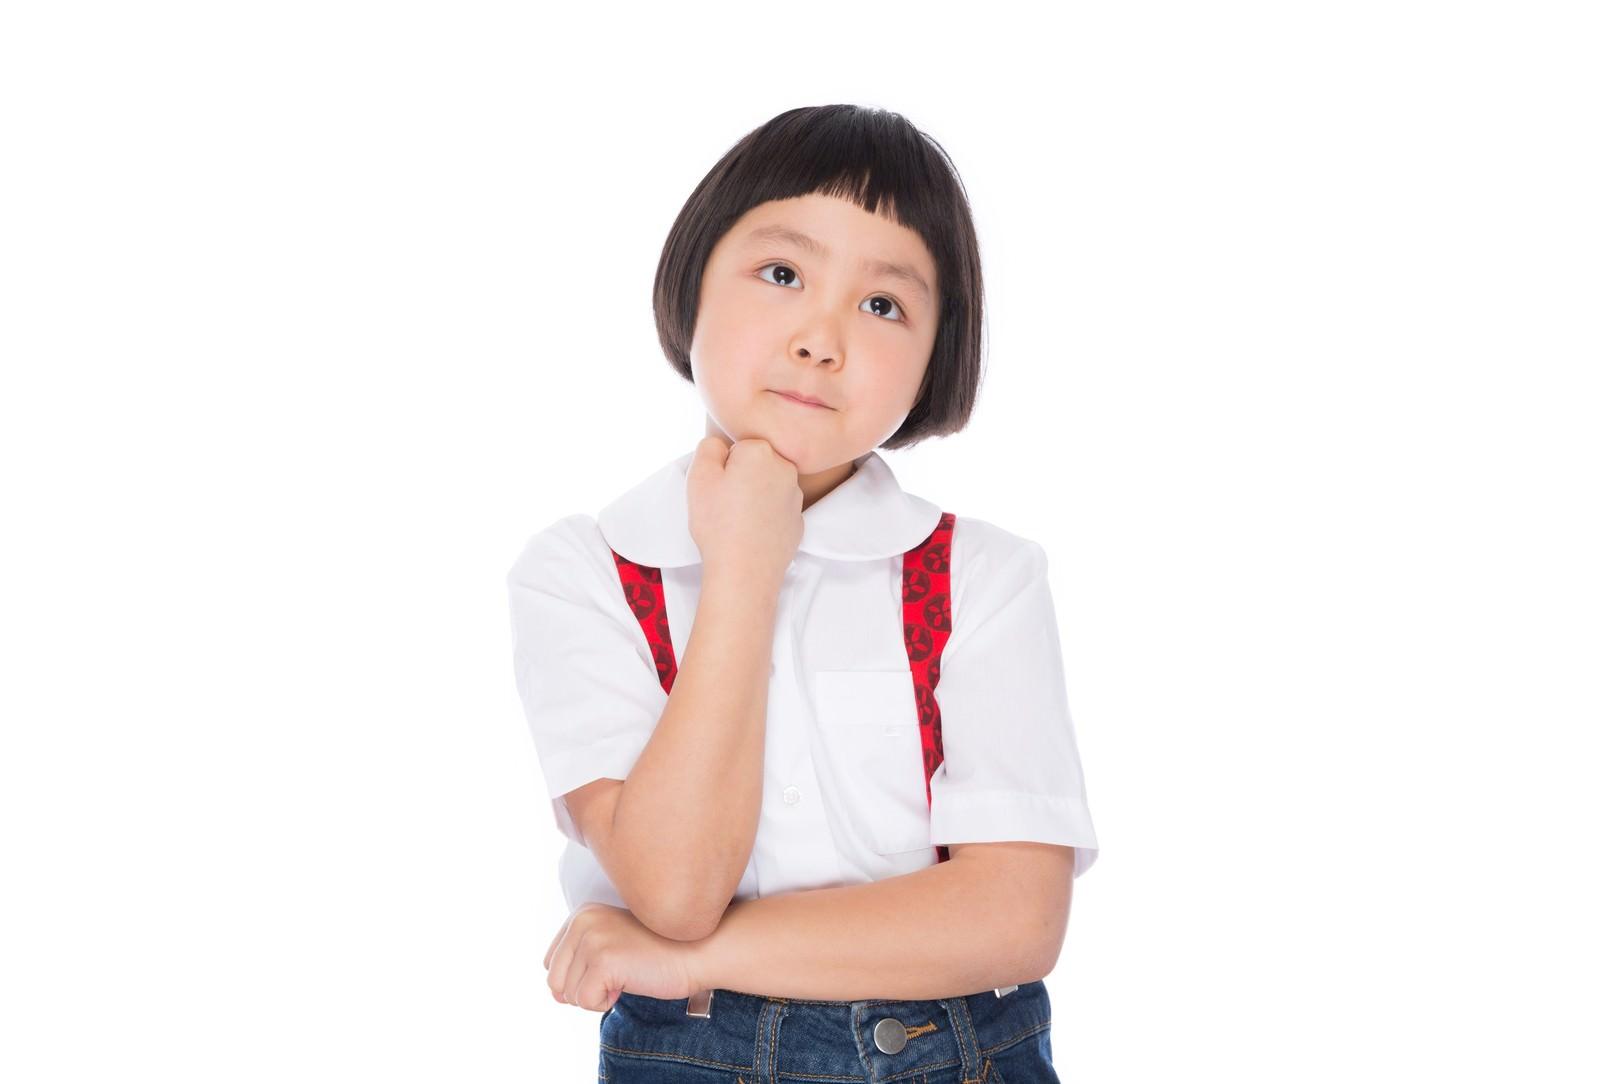 「遠足のおやつを考える小学生の女の子遠足のおやつを考える小学生の女の子」[モデル:ゆうき]のフリー写真素材を拡大